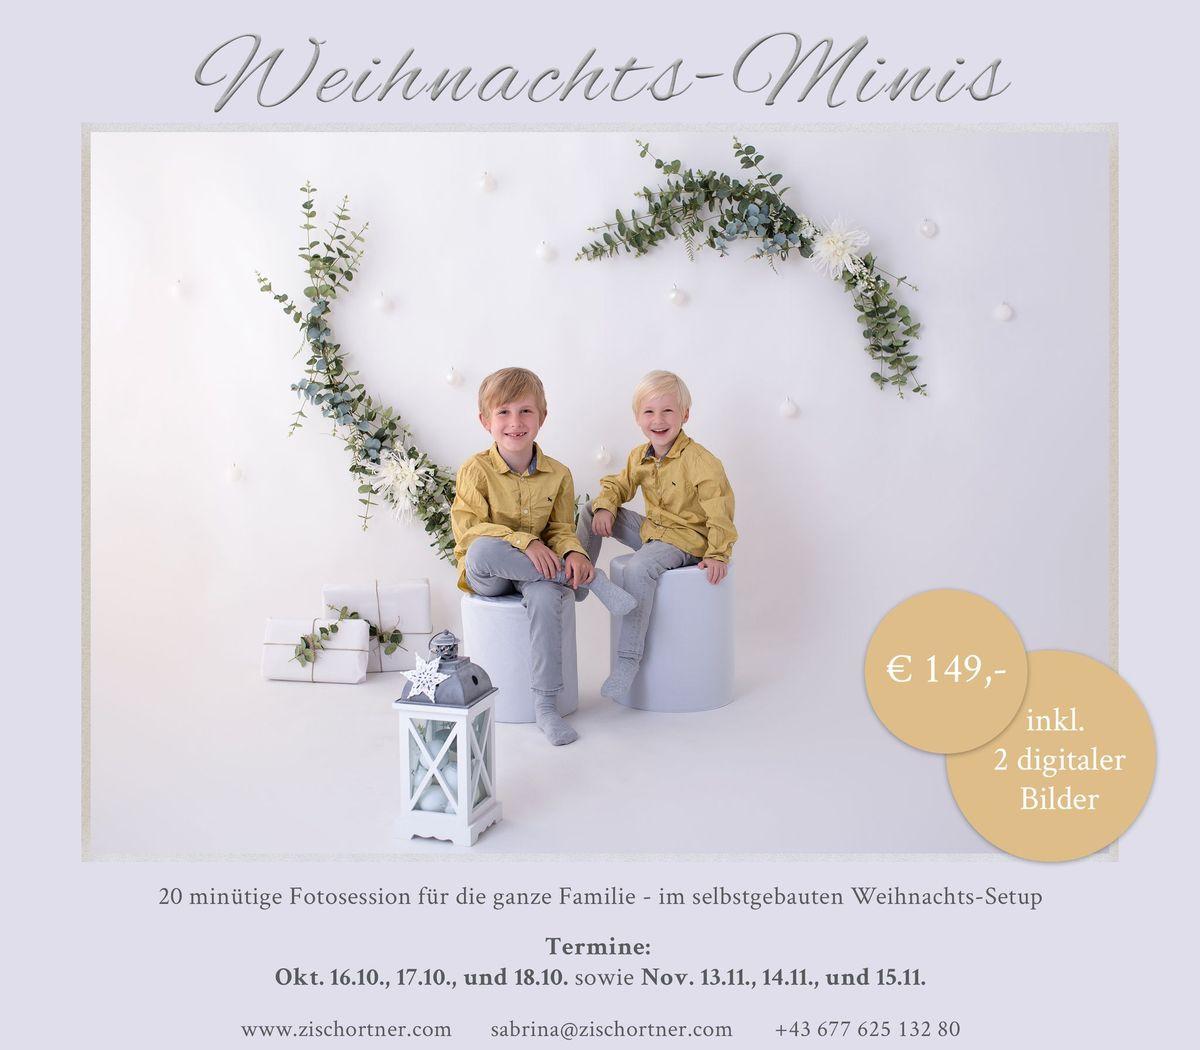 Weihnachtsminisession Setup Fotoshooting 2020 Zisch-Ortner Wien